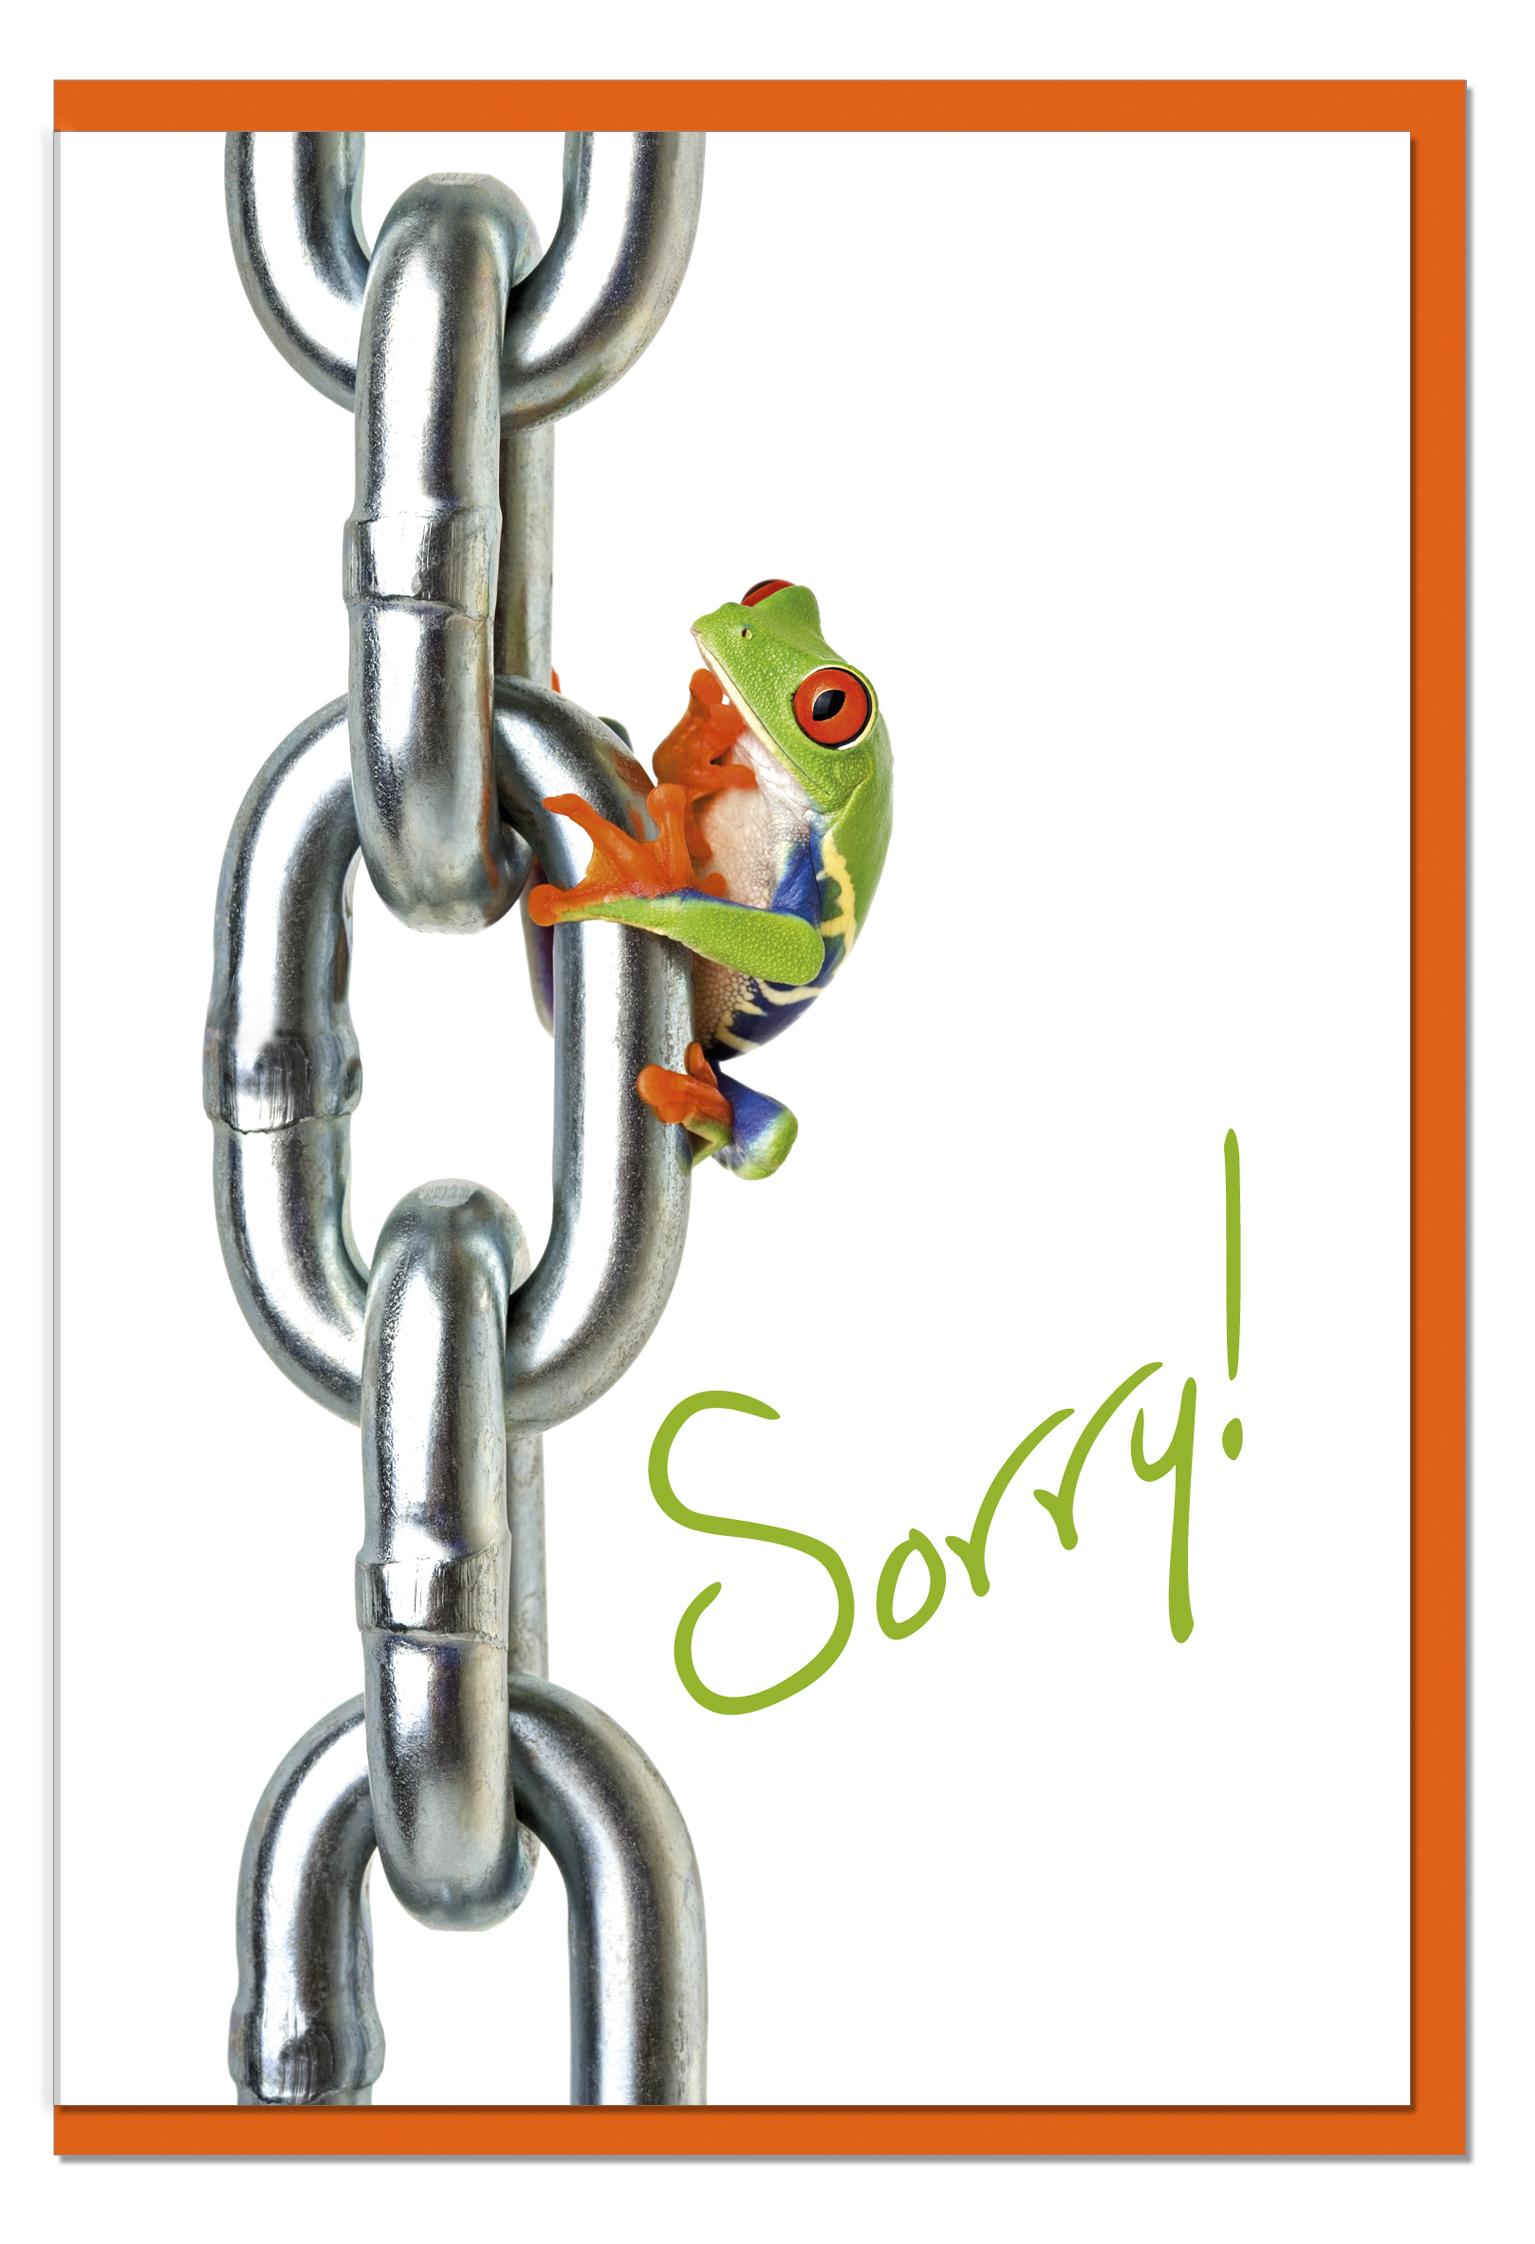 Entschuldigungskarten / Grußkarten /Entschuldigung Frosch